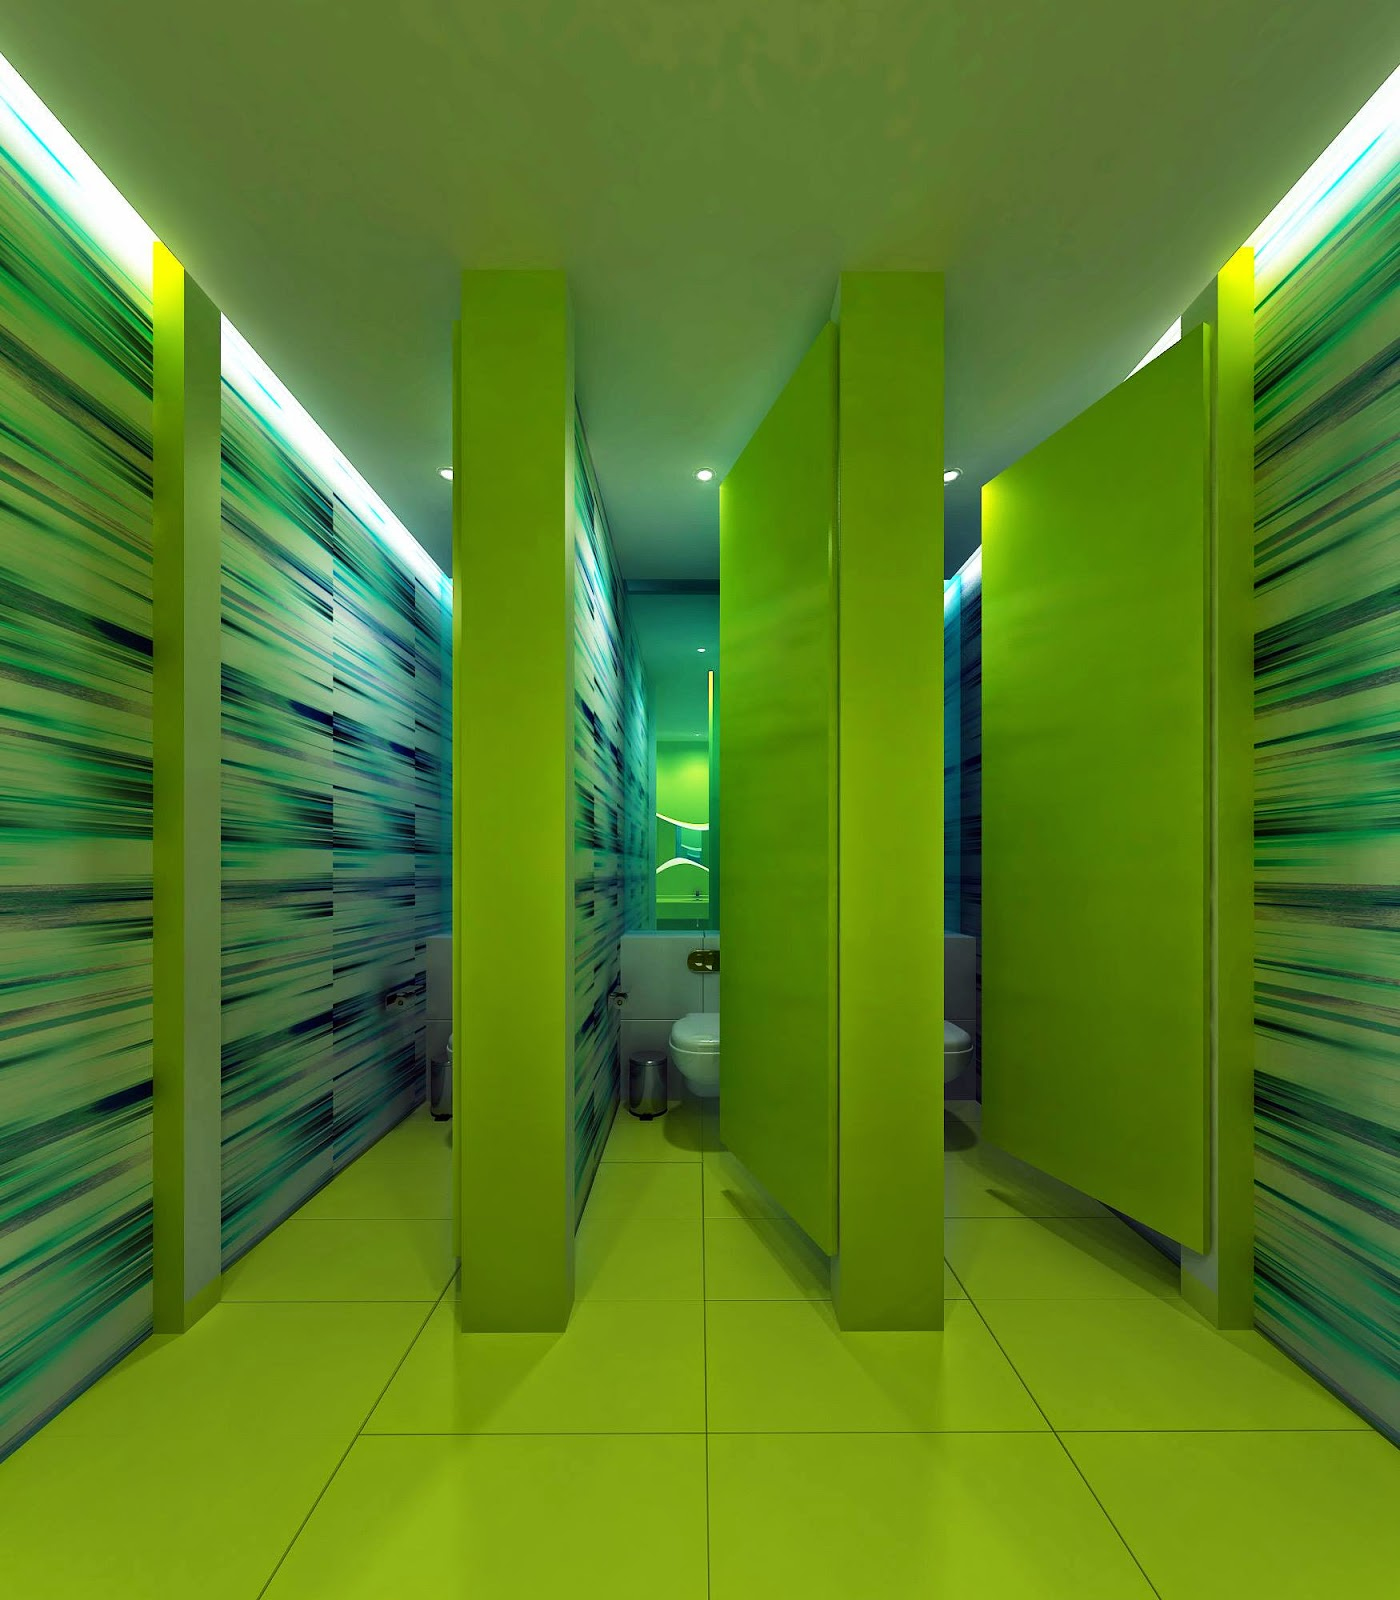 Les plus beaux hotels design du monde h tel prizeotel for Design hotel lizum 1600